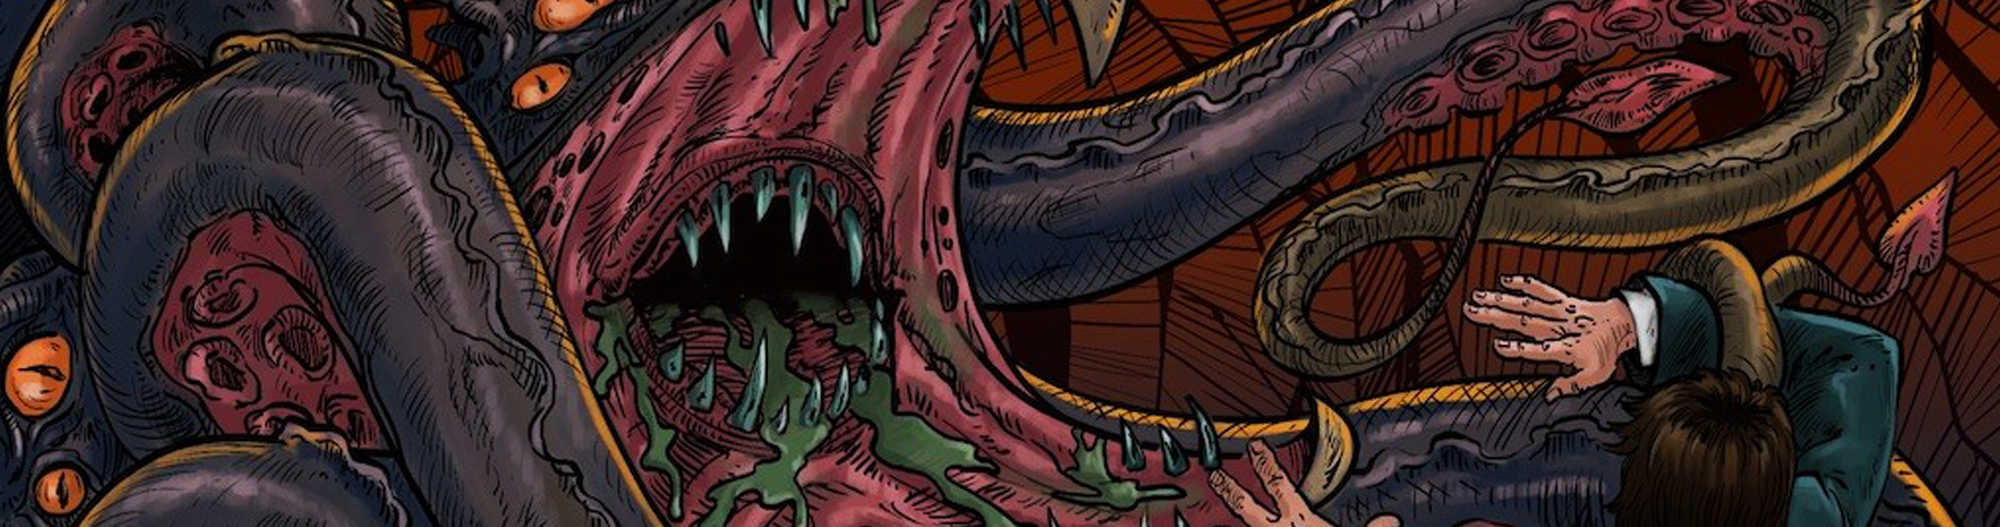 Monstro vermelho - 5 MELHORES jogos mobile